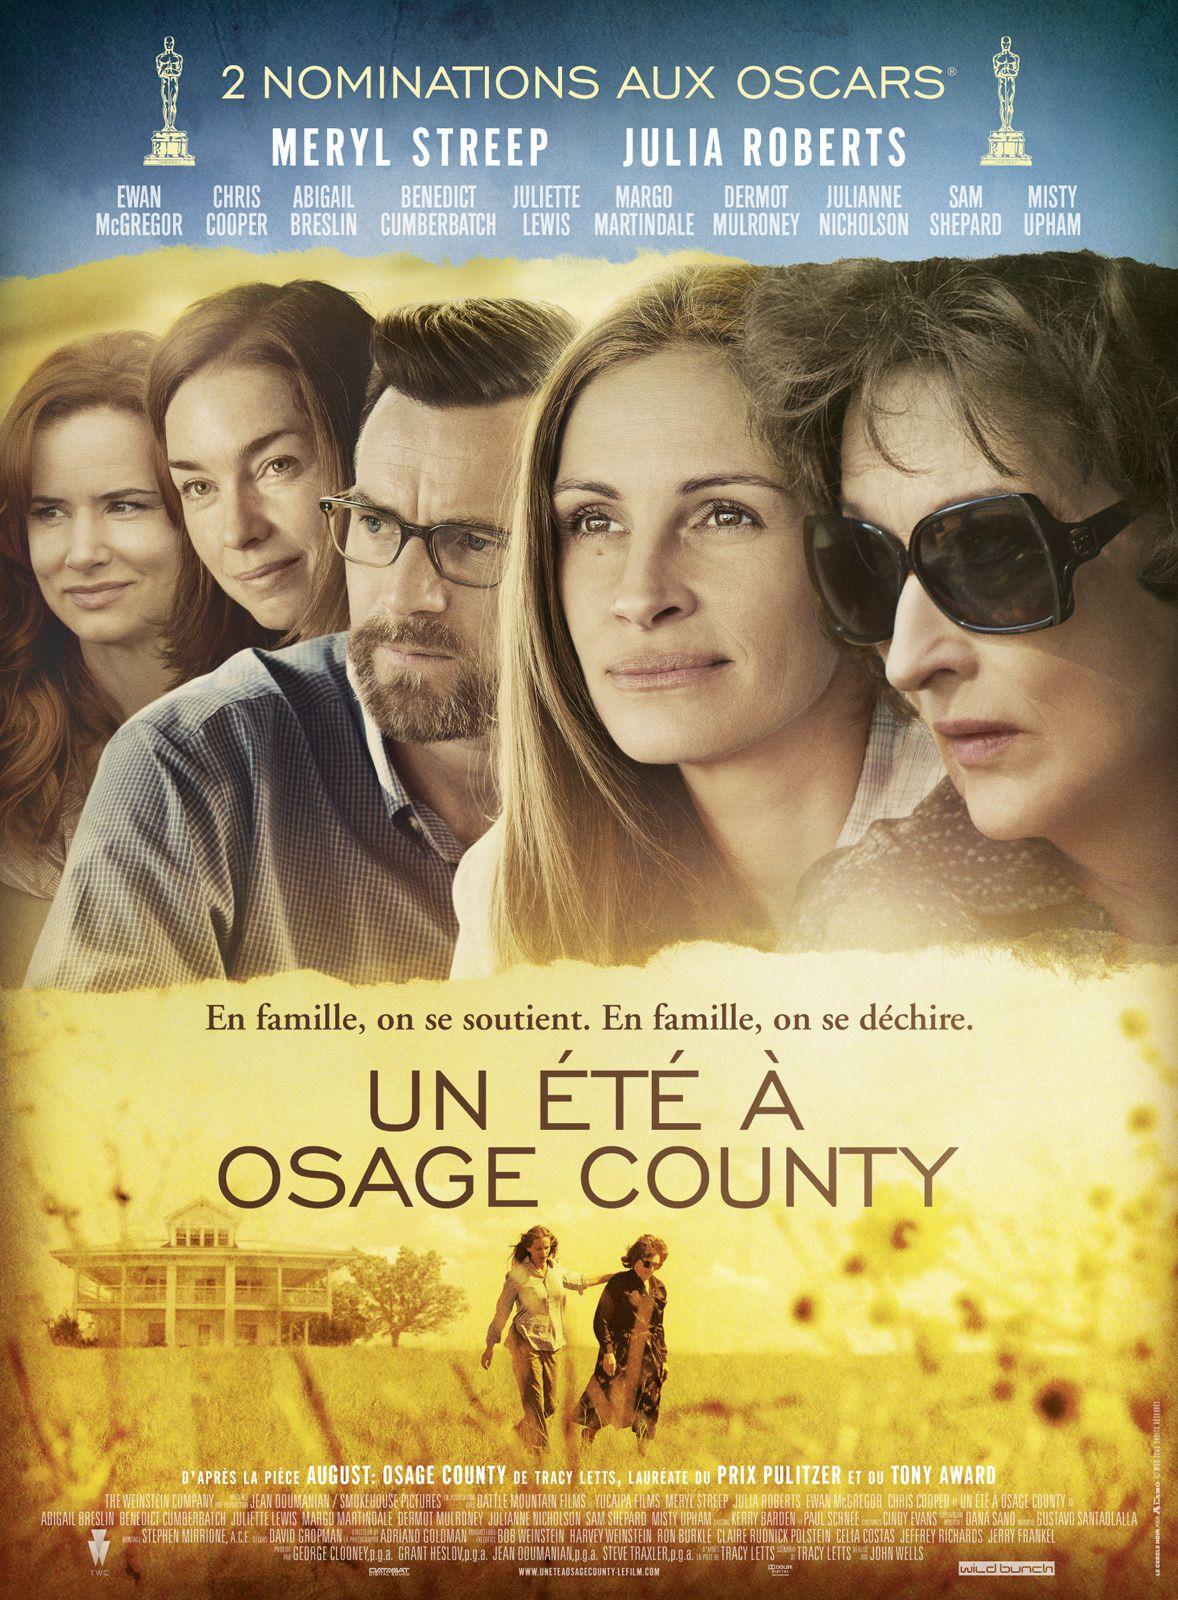 Un été à Osage County - Film (2013)